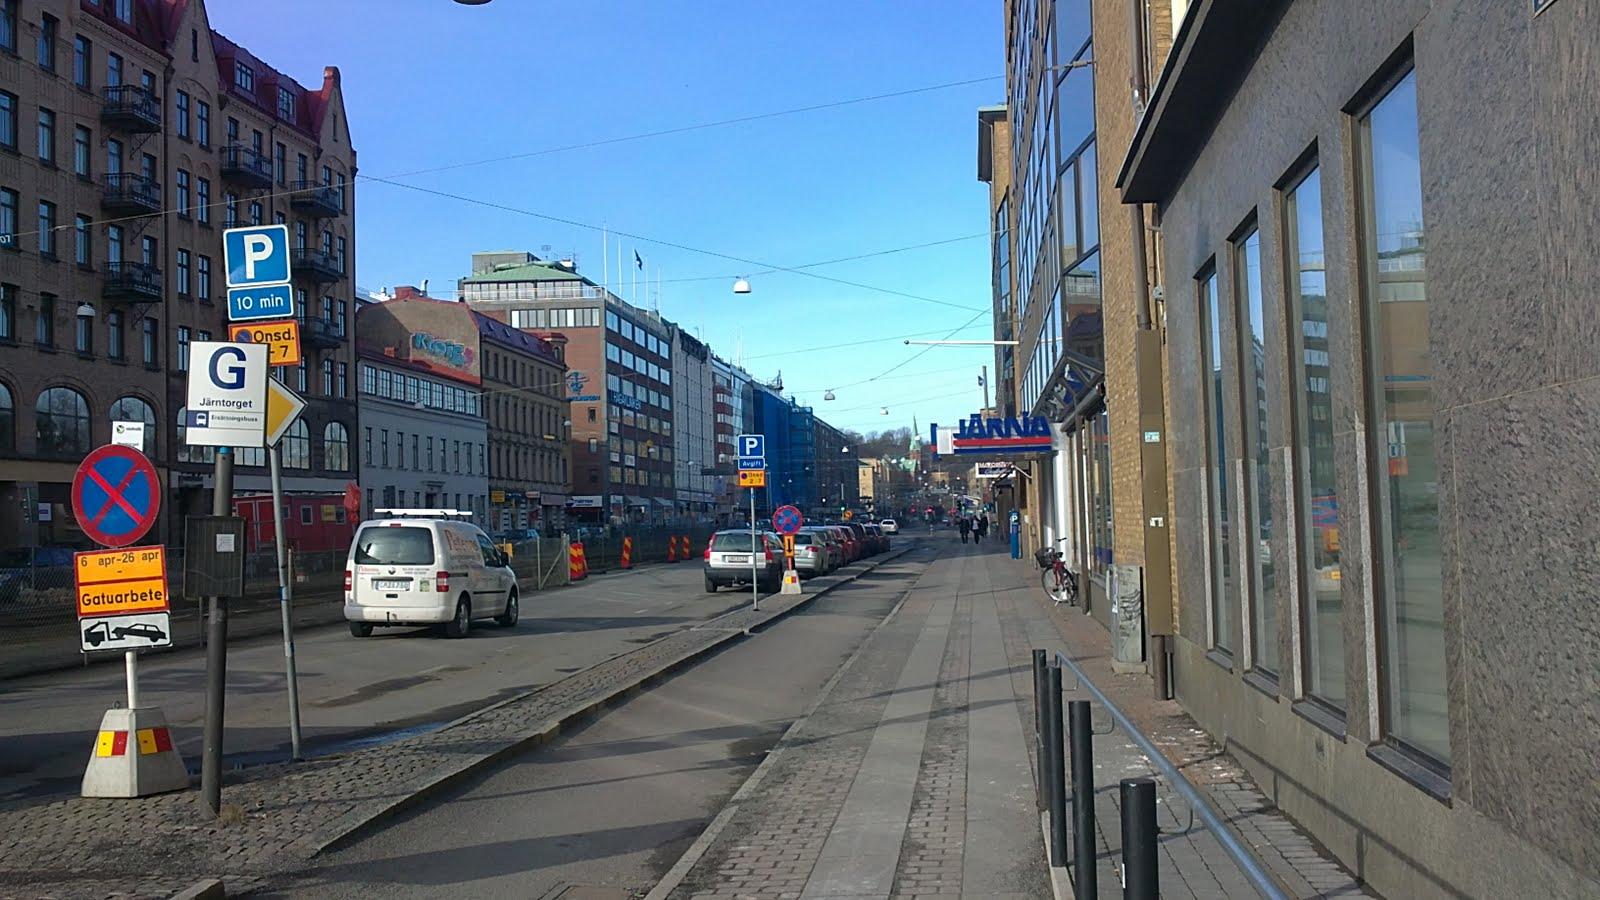 Brunnsparken, Gothenburg - Wikipedia